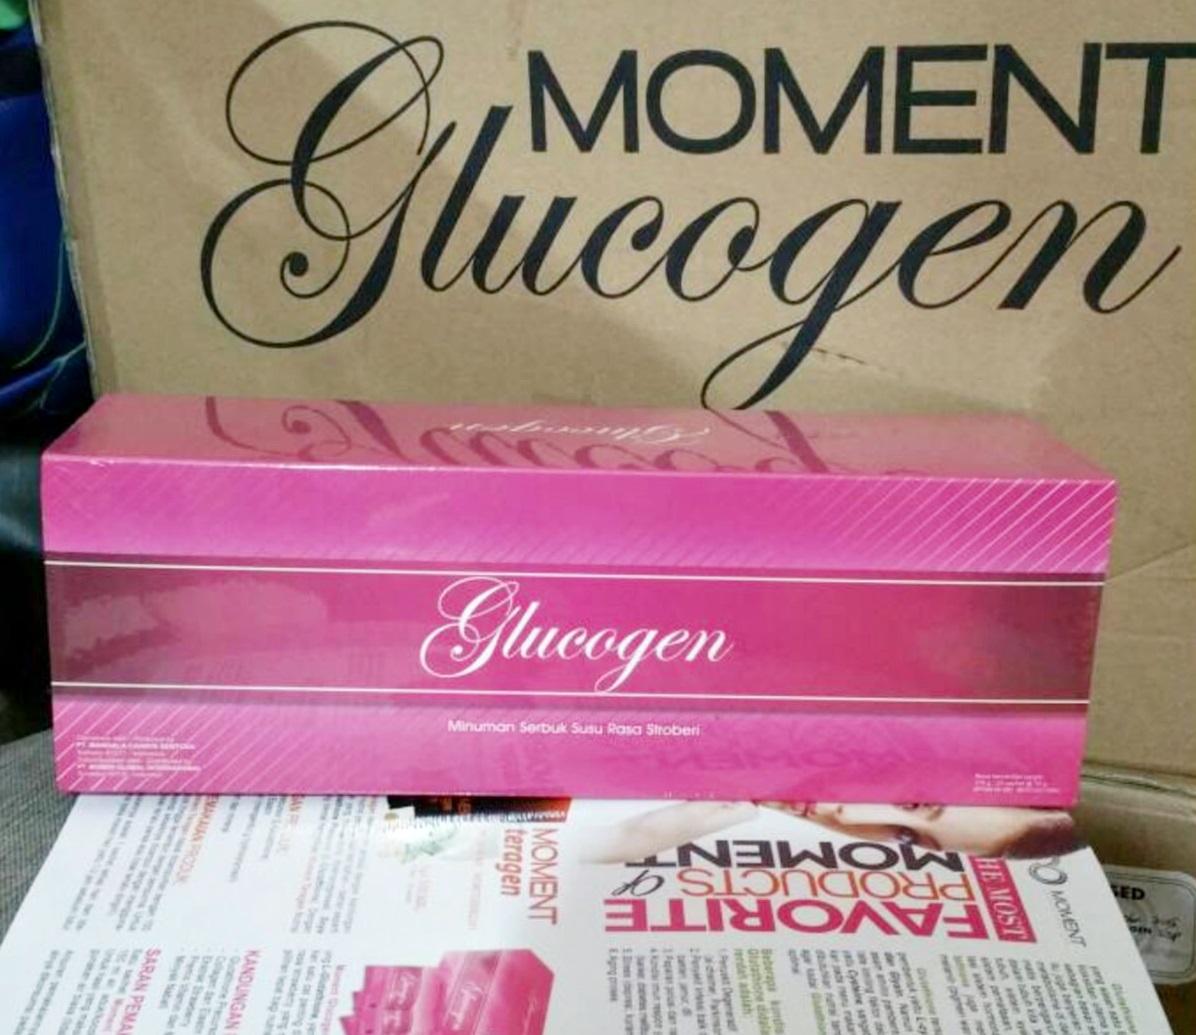 GSH Moment Glucola Moment Glucogen